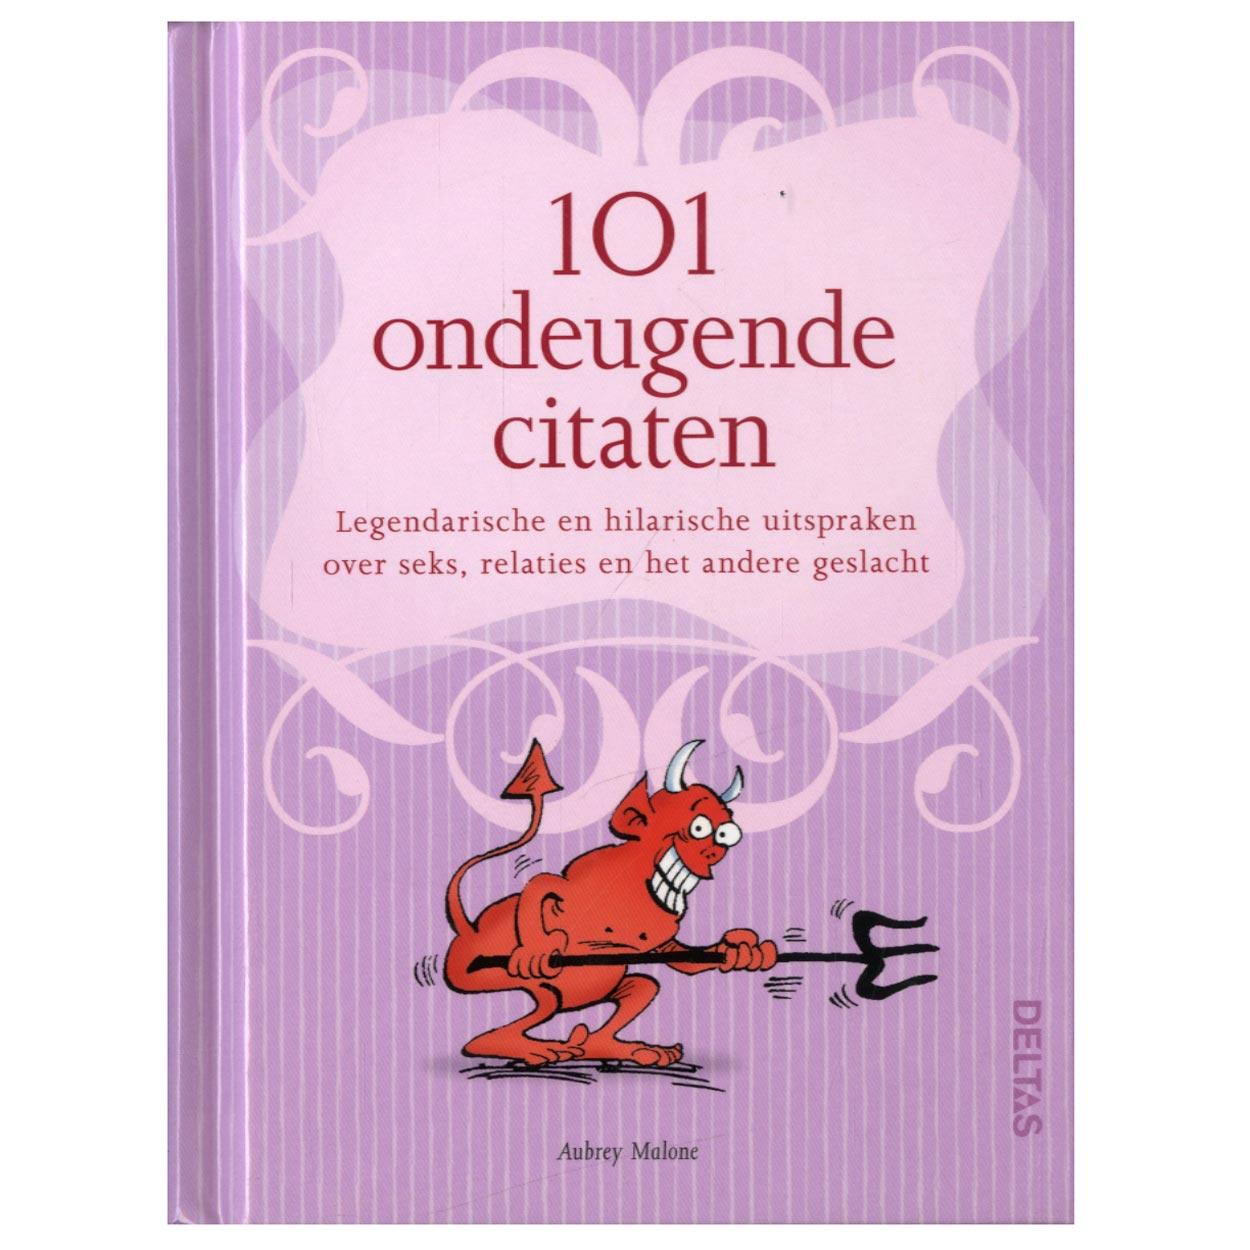 Citaten Boeken Gratis : Ondeugende citaten online kopen lobbes